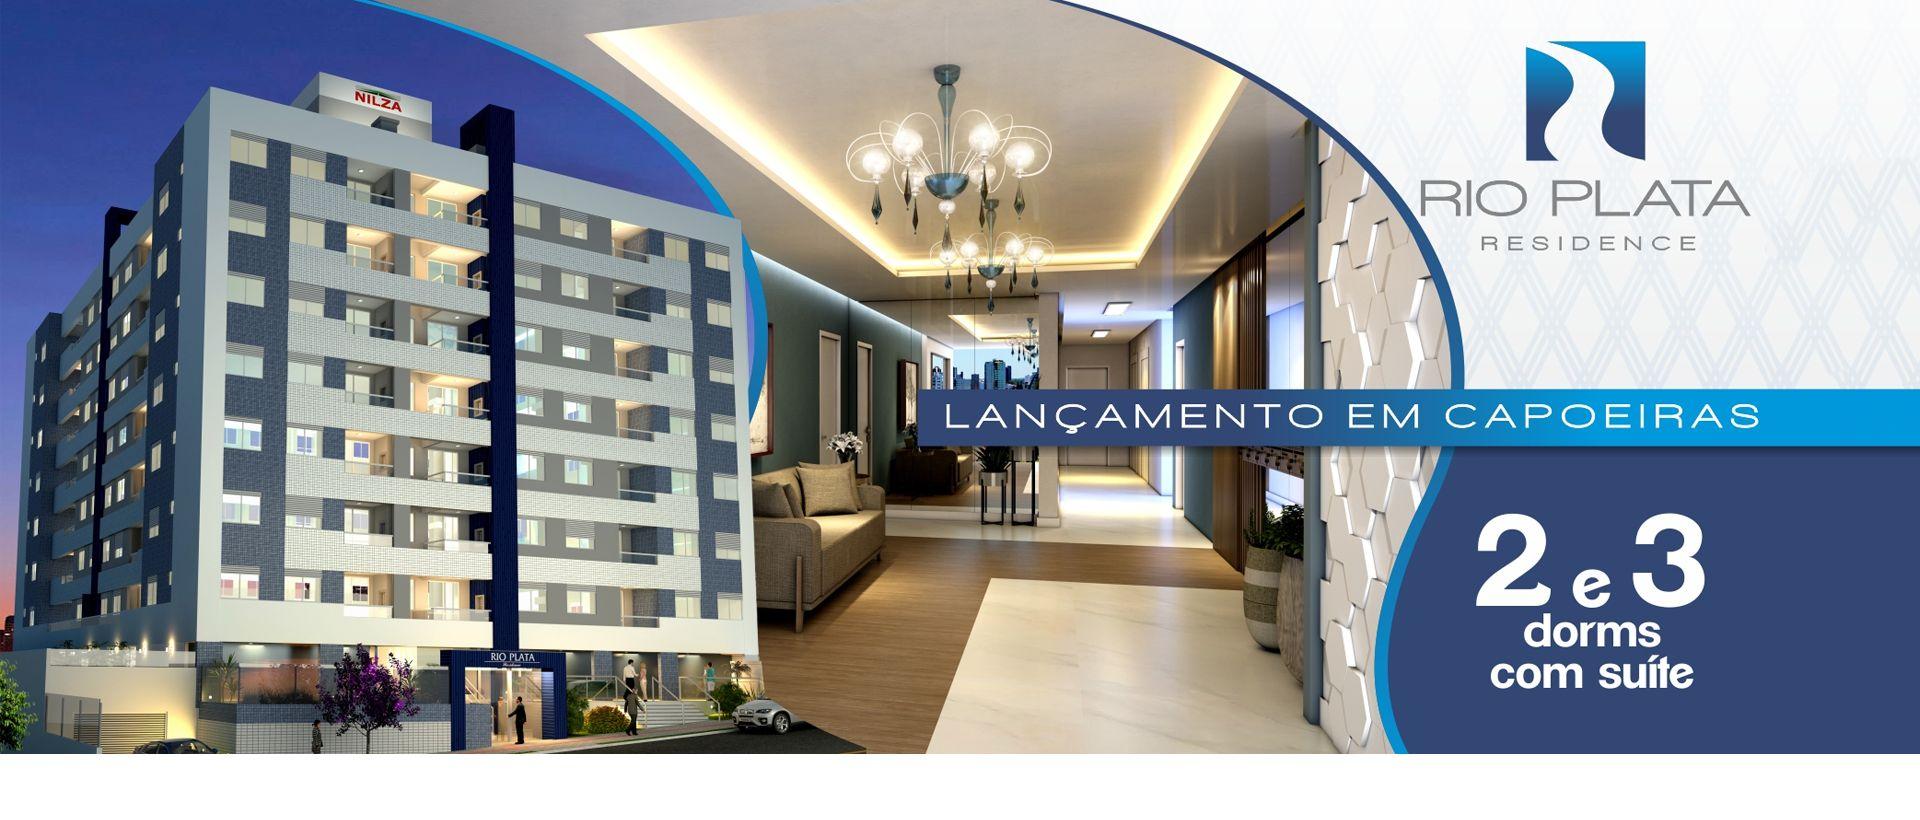 Lançamento Rio Plata